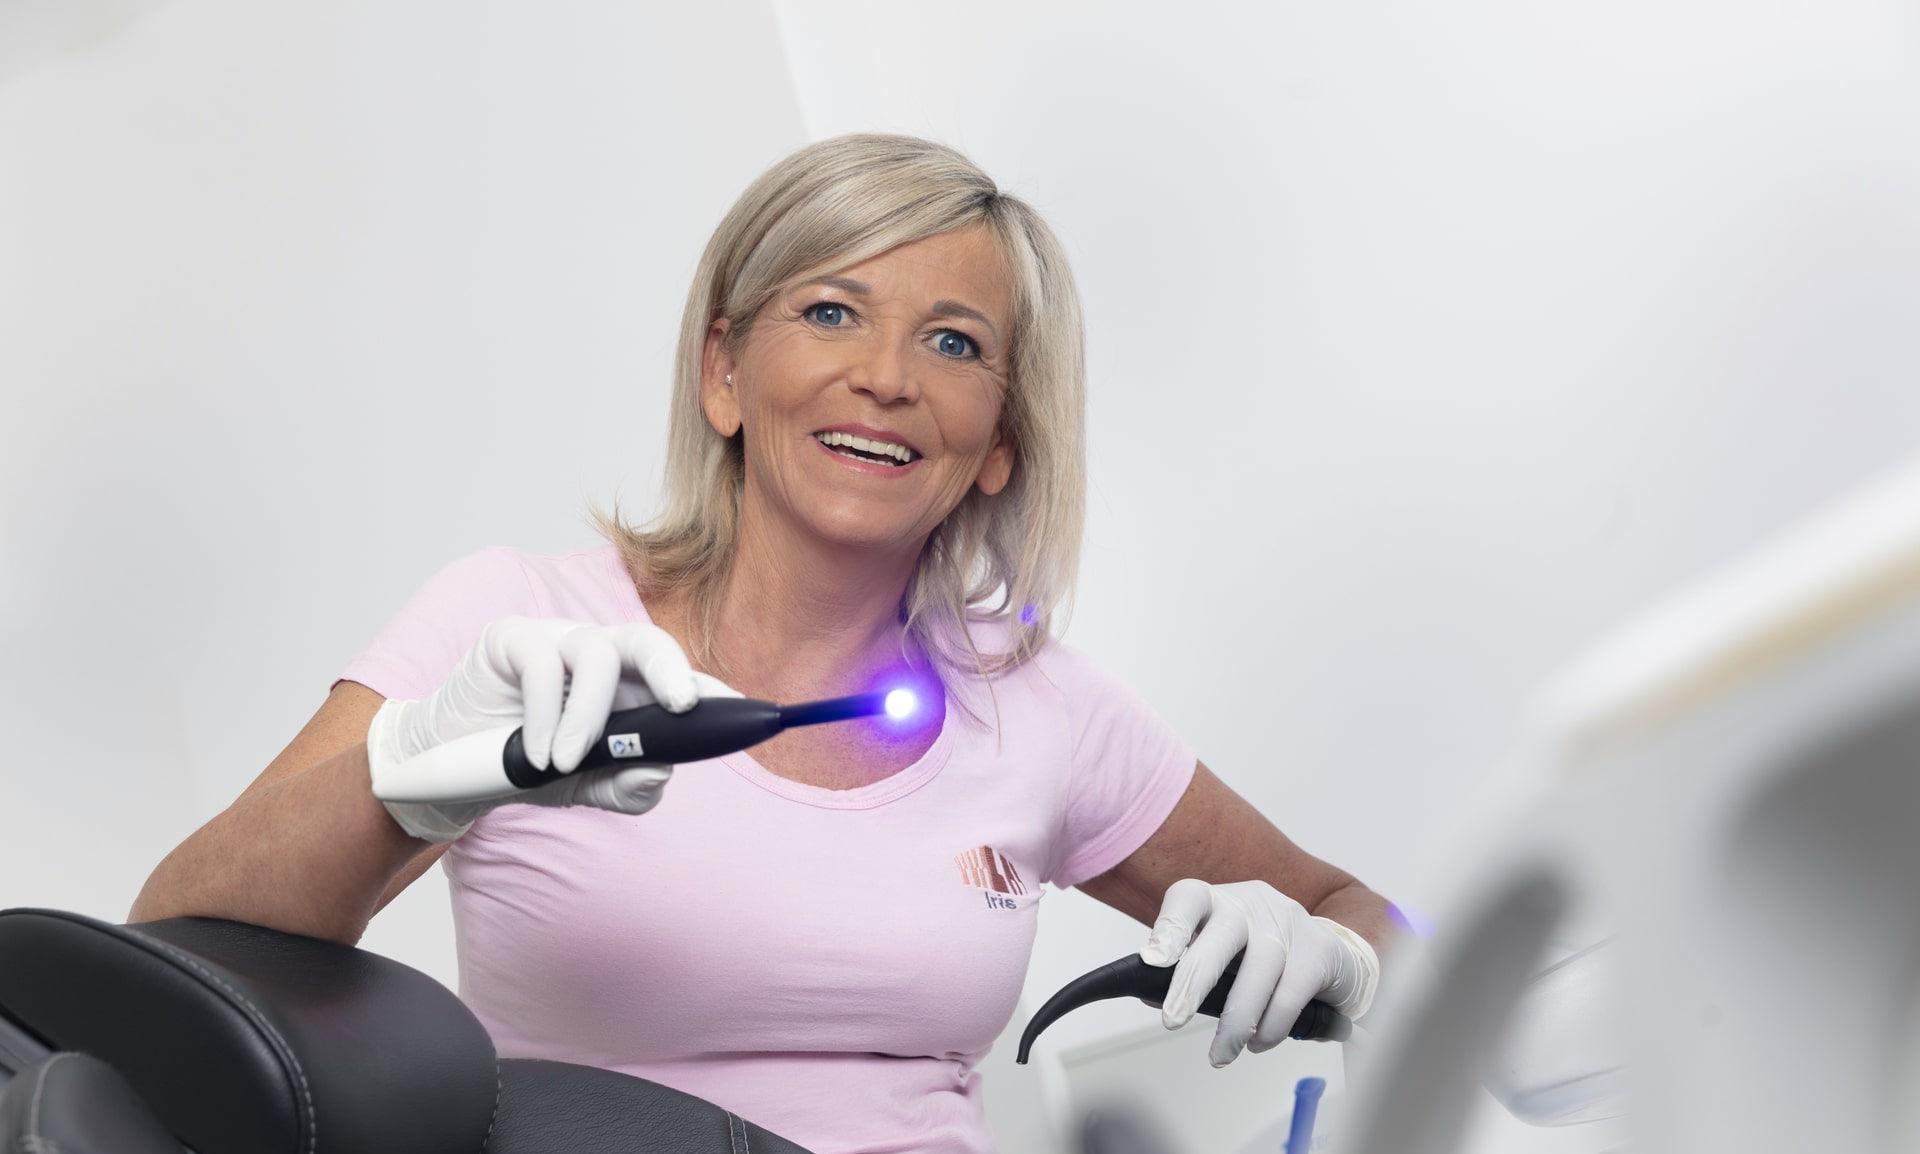 Behandlung Zahnarzt Innsbruck - Dr. Lars Heidenreich